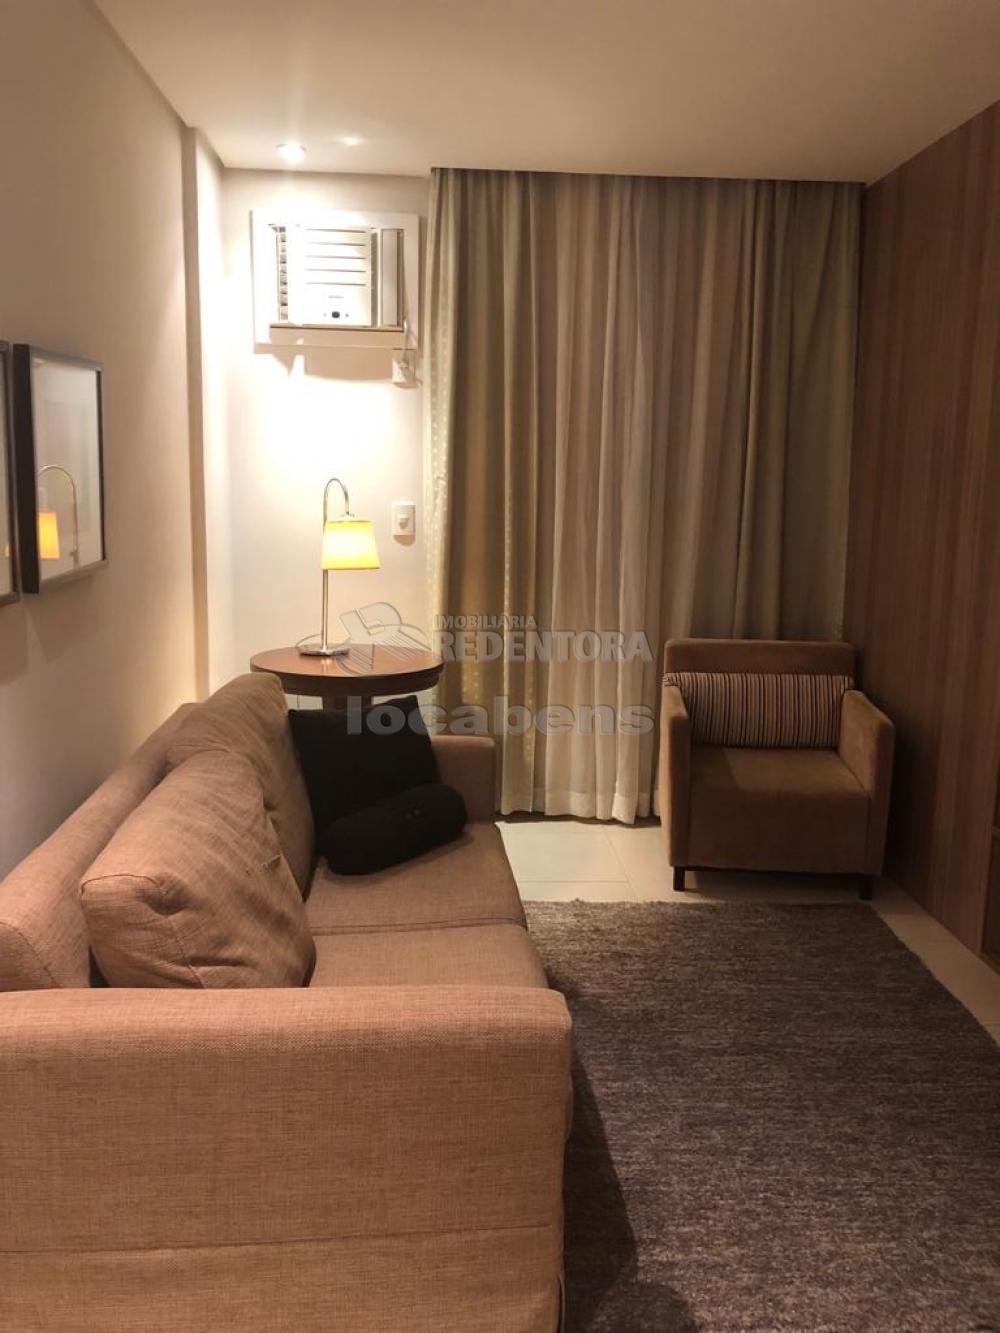 Comprar Apartamento / Flat em São José do Rio Preto R$ 300.000,00 - Foto 1